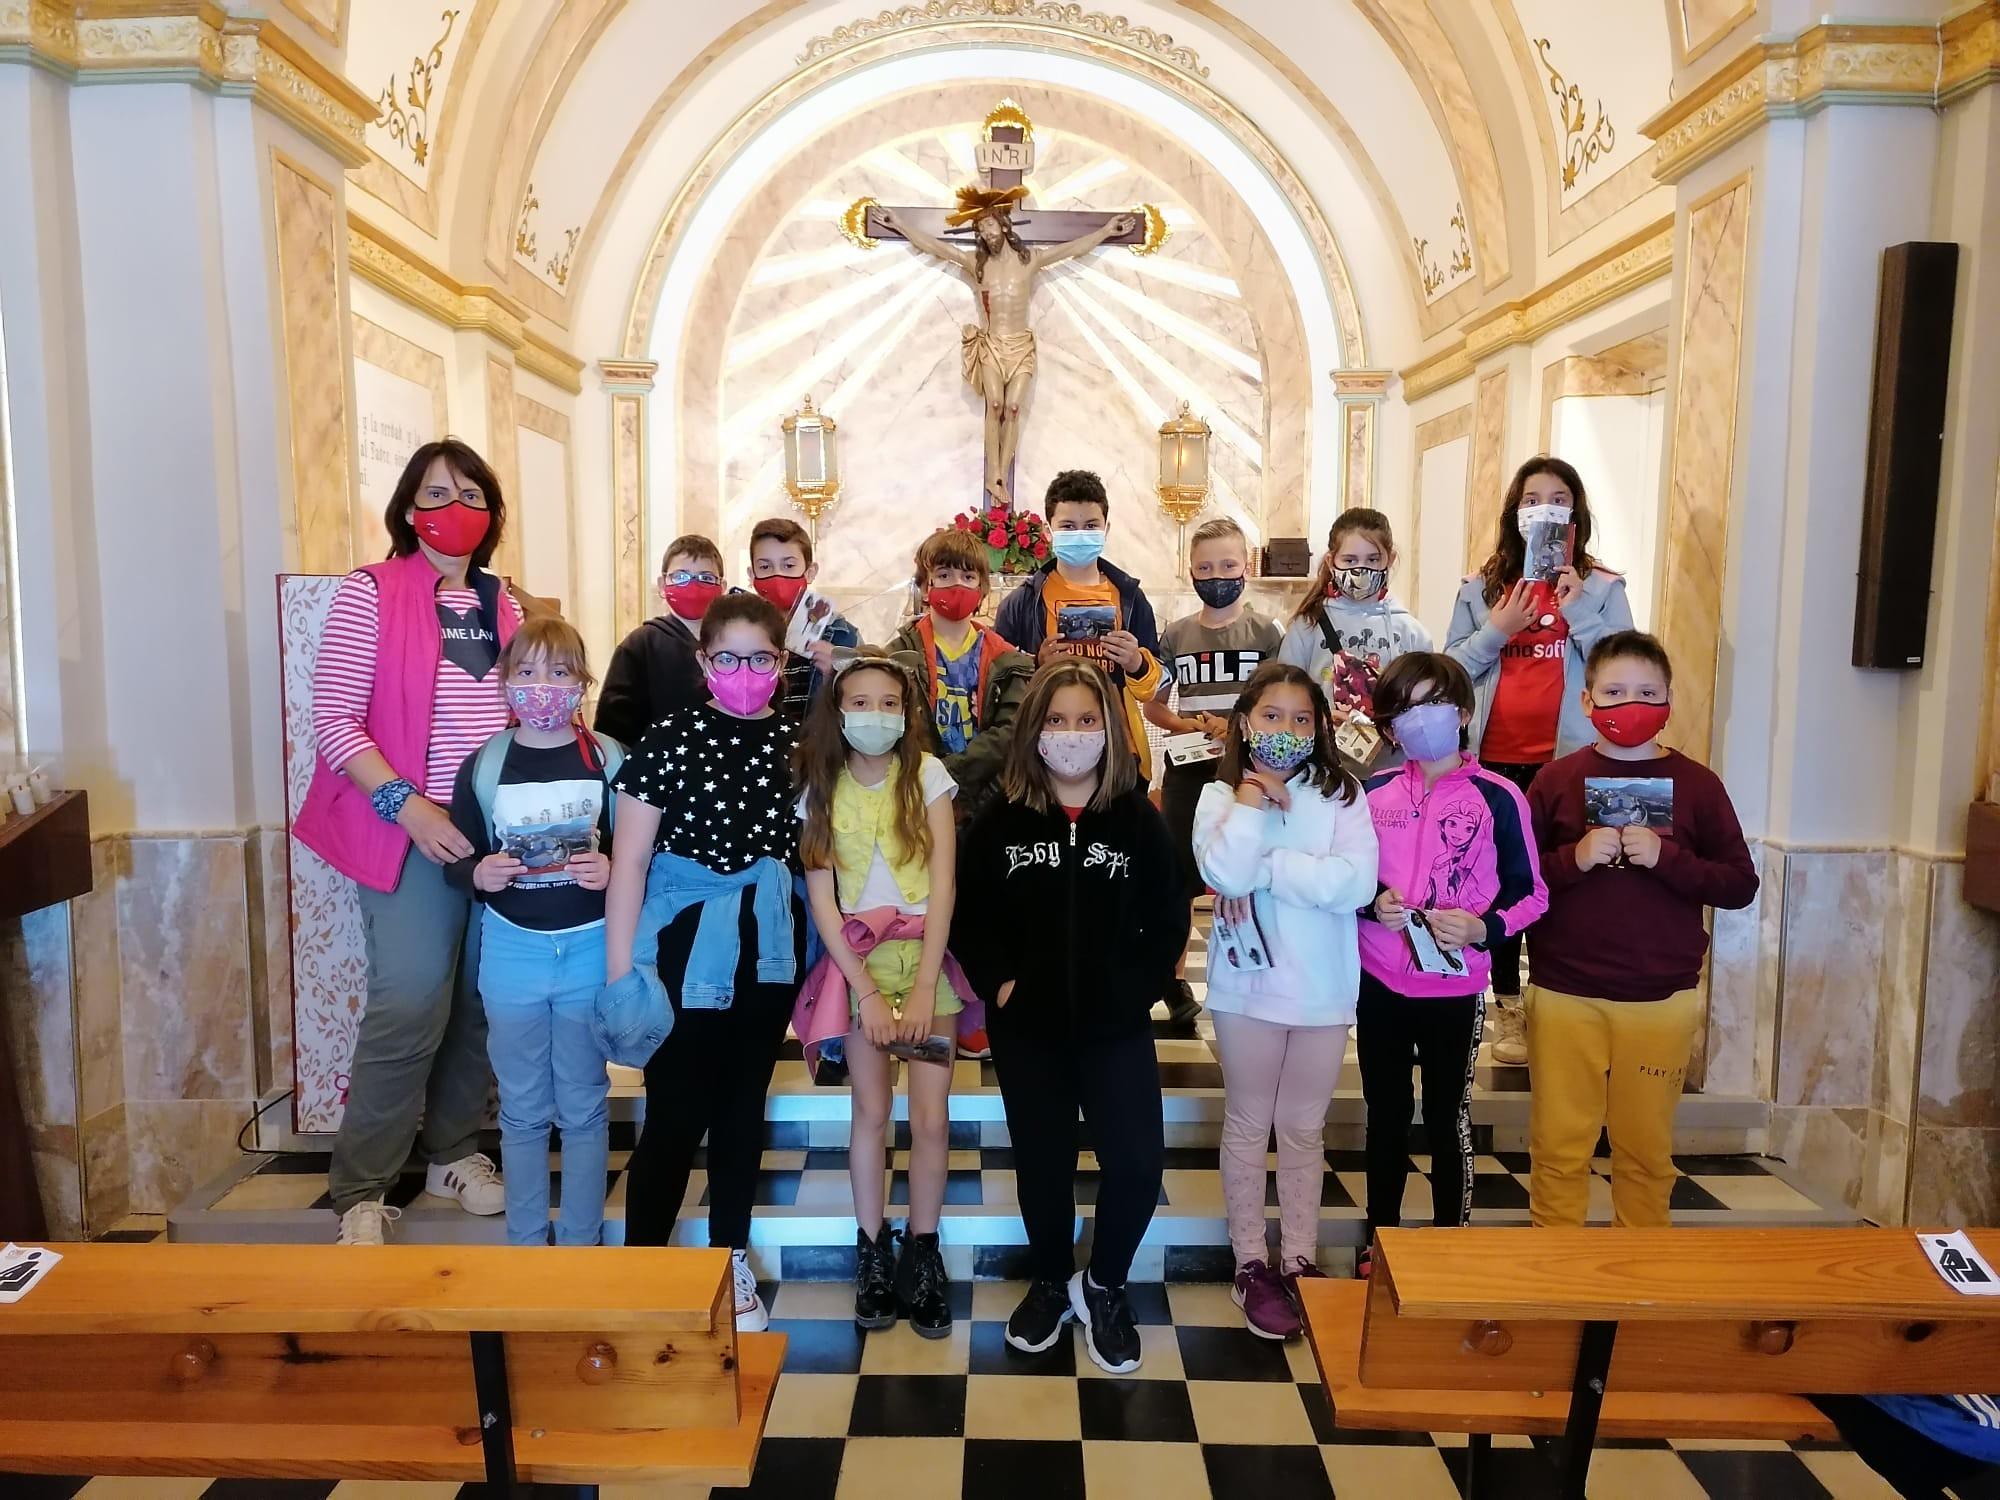 (2021-05-11) - Visita ermita alumnos Laura,3º C, Reina Sofia - Maria Isabel Berenquer Brotons - (01)